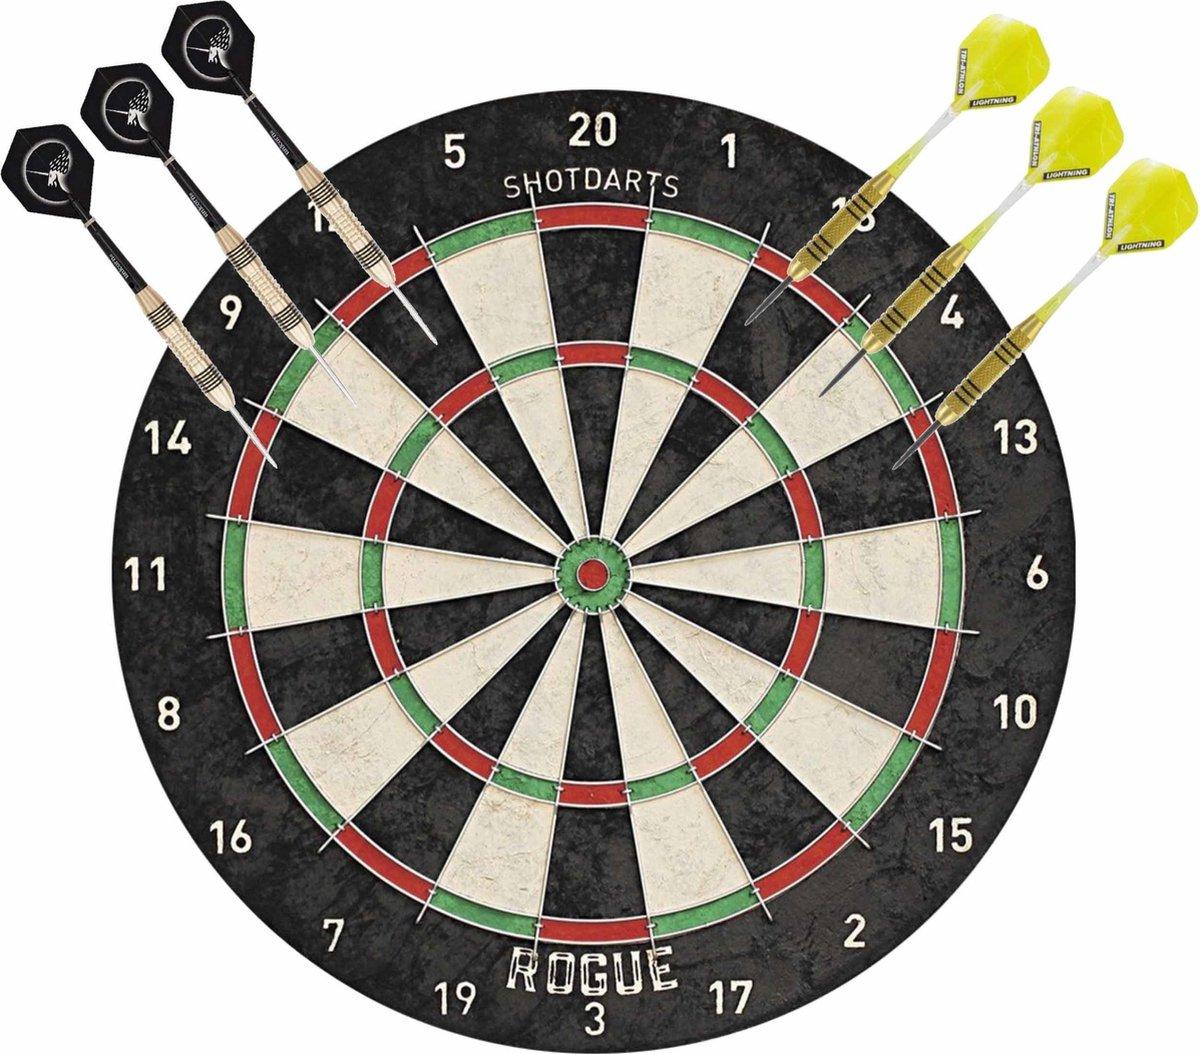 Professioneel dartbord Rogue Bristle incl 2 sets dartpijlen 23 grams - Sportief spelen - Darten/darts - Dartborden voor kinderen en volwassenen.